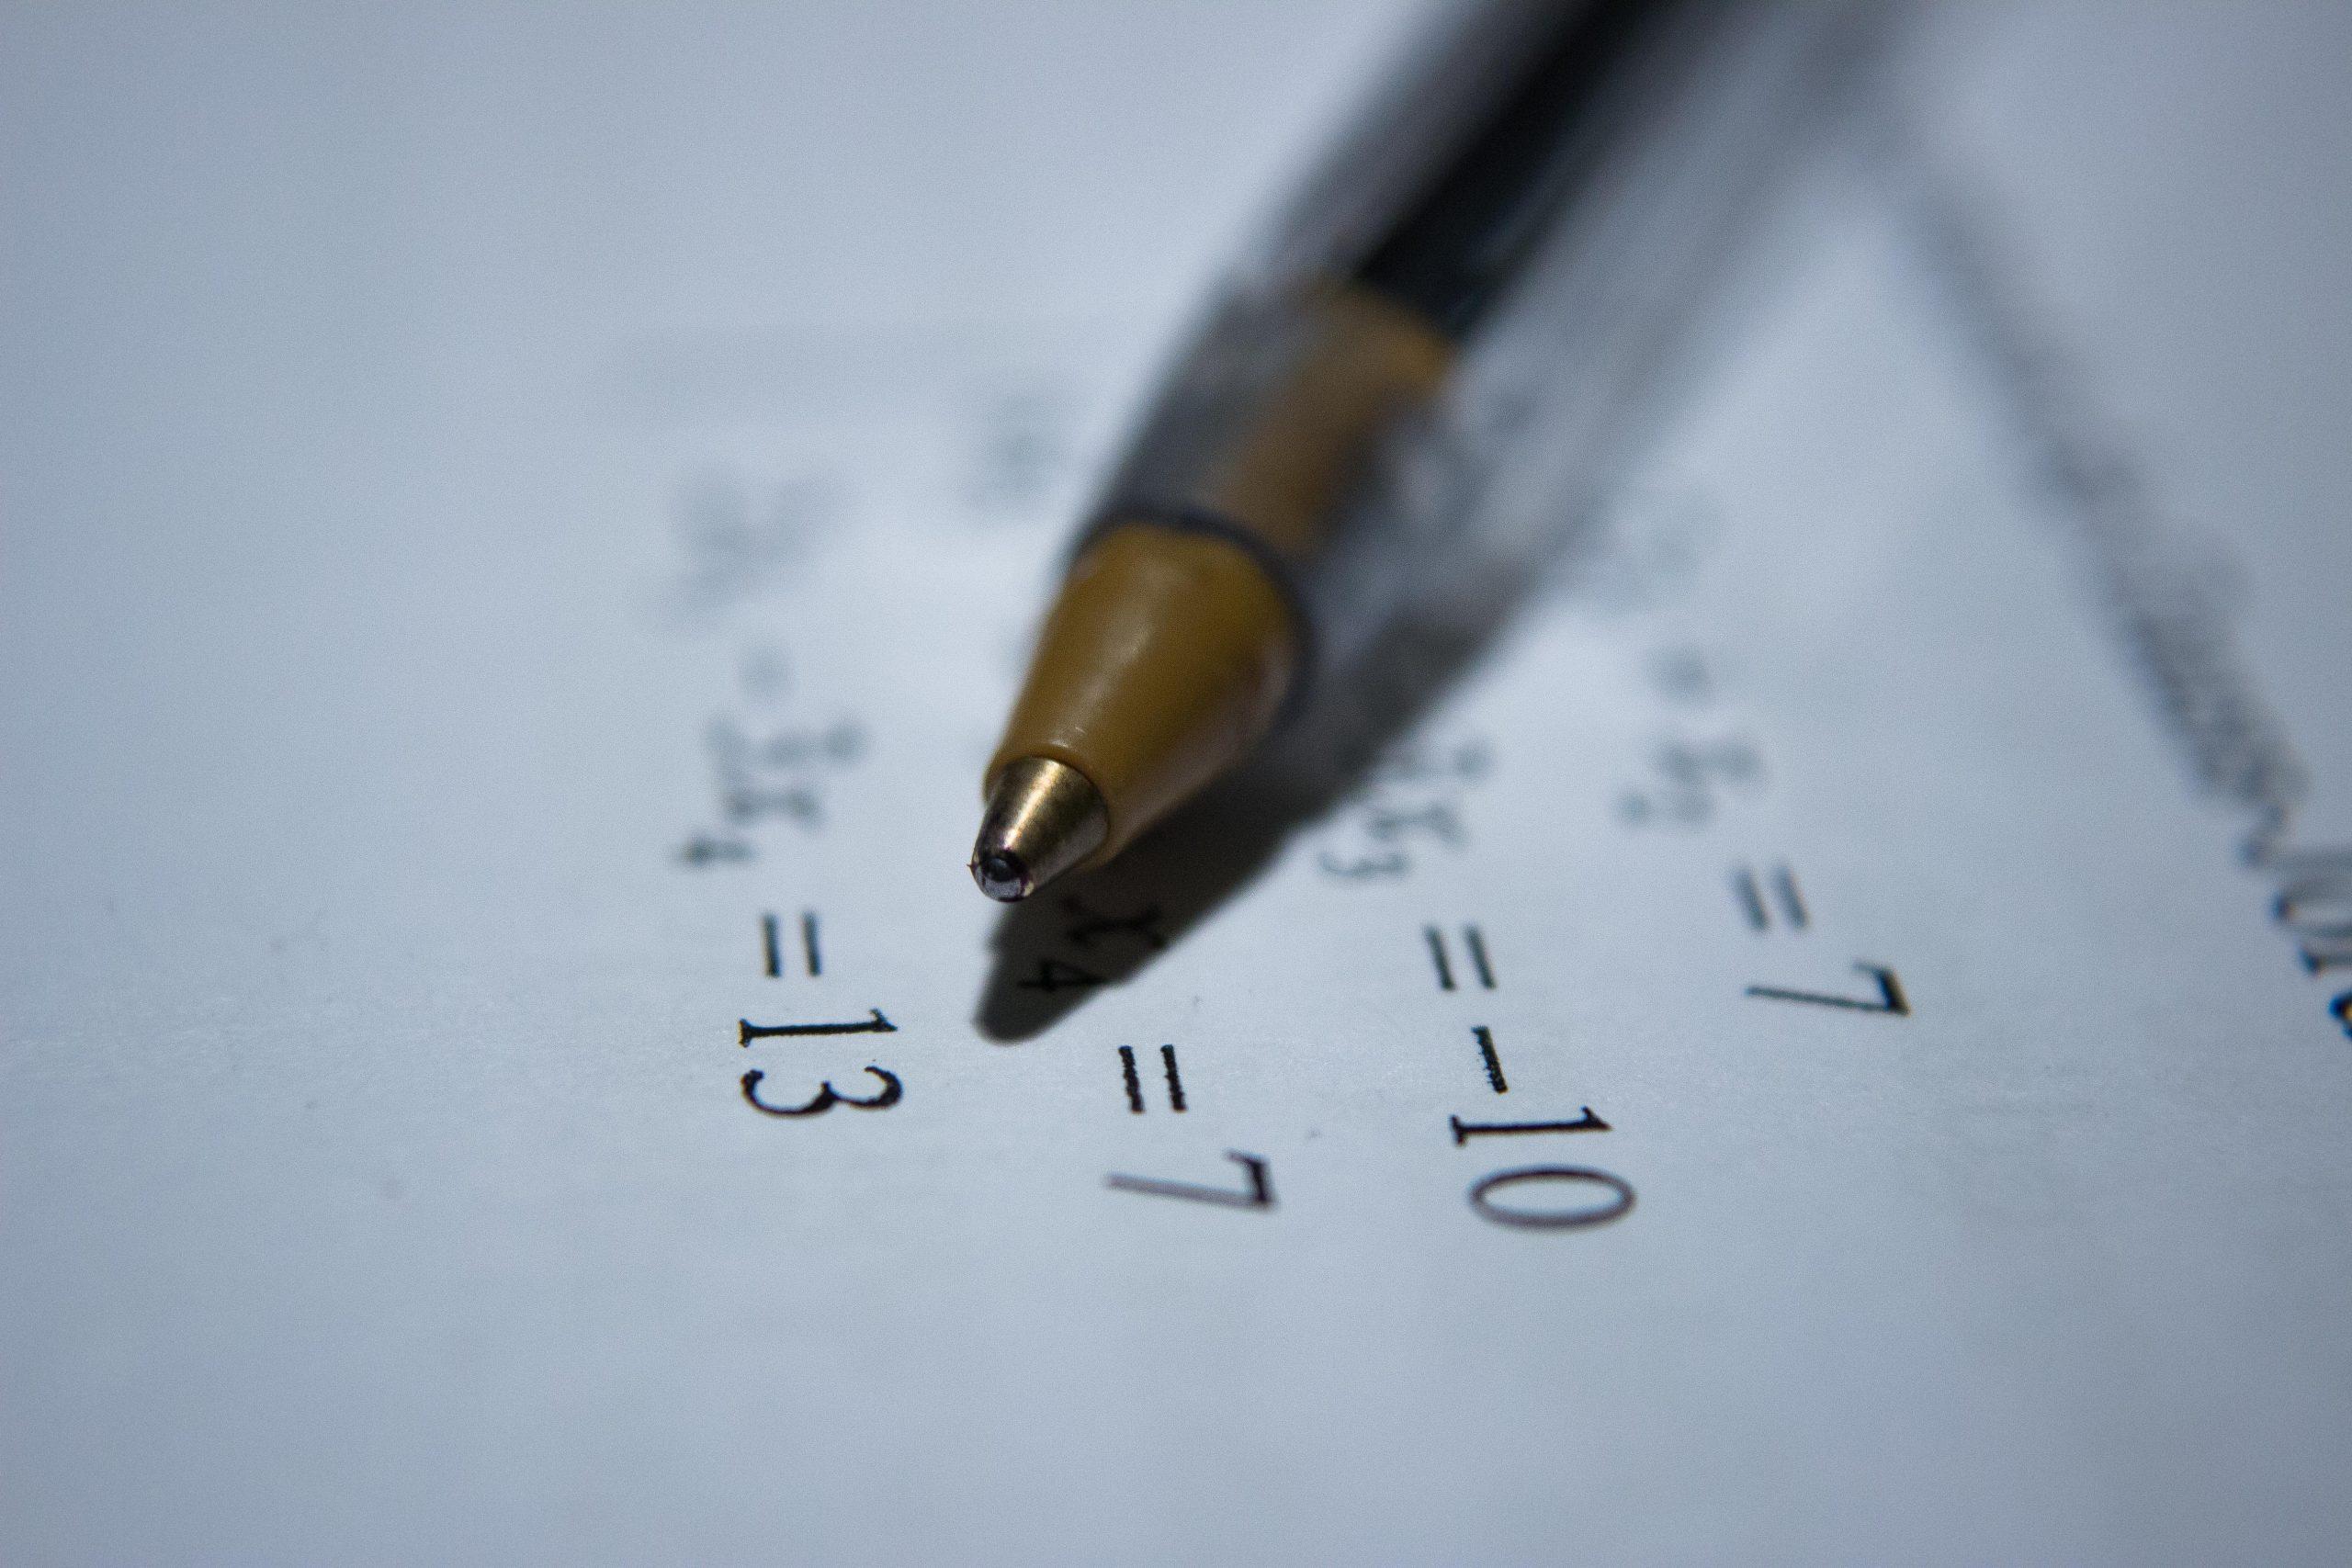 Matematik Yalan Söyler mi?